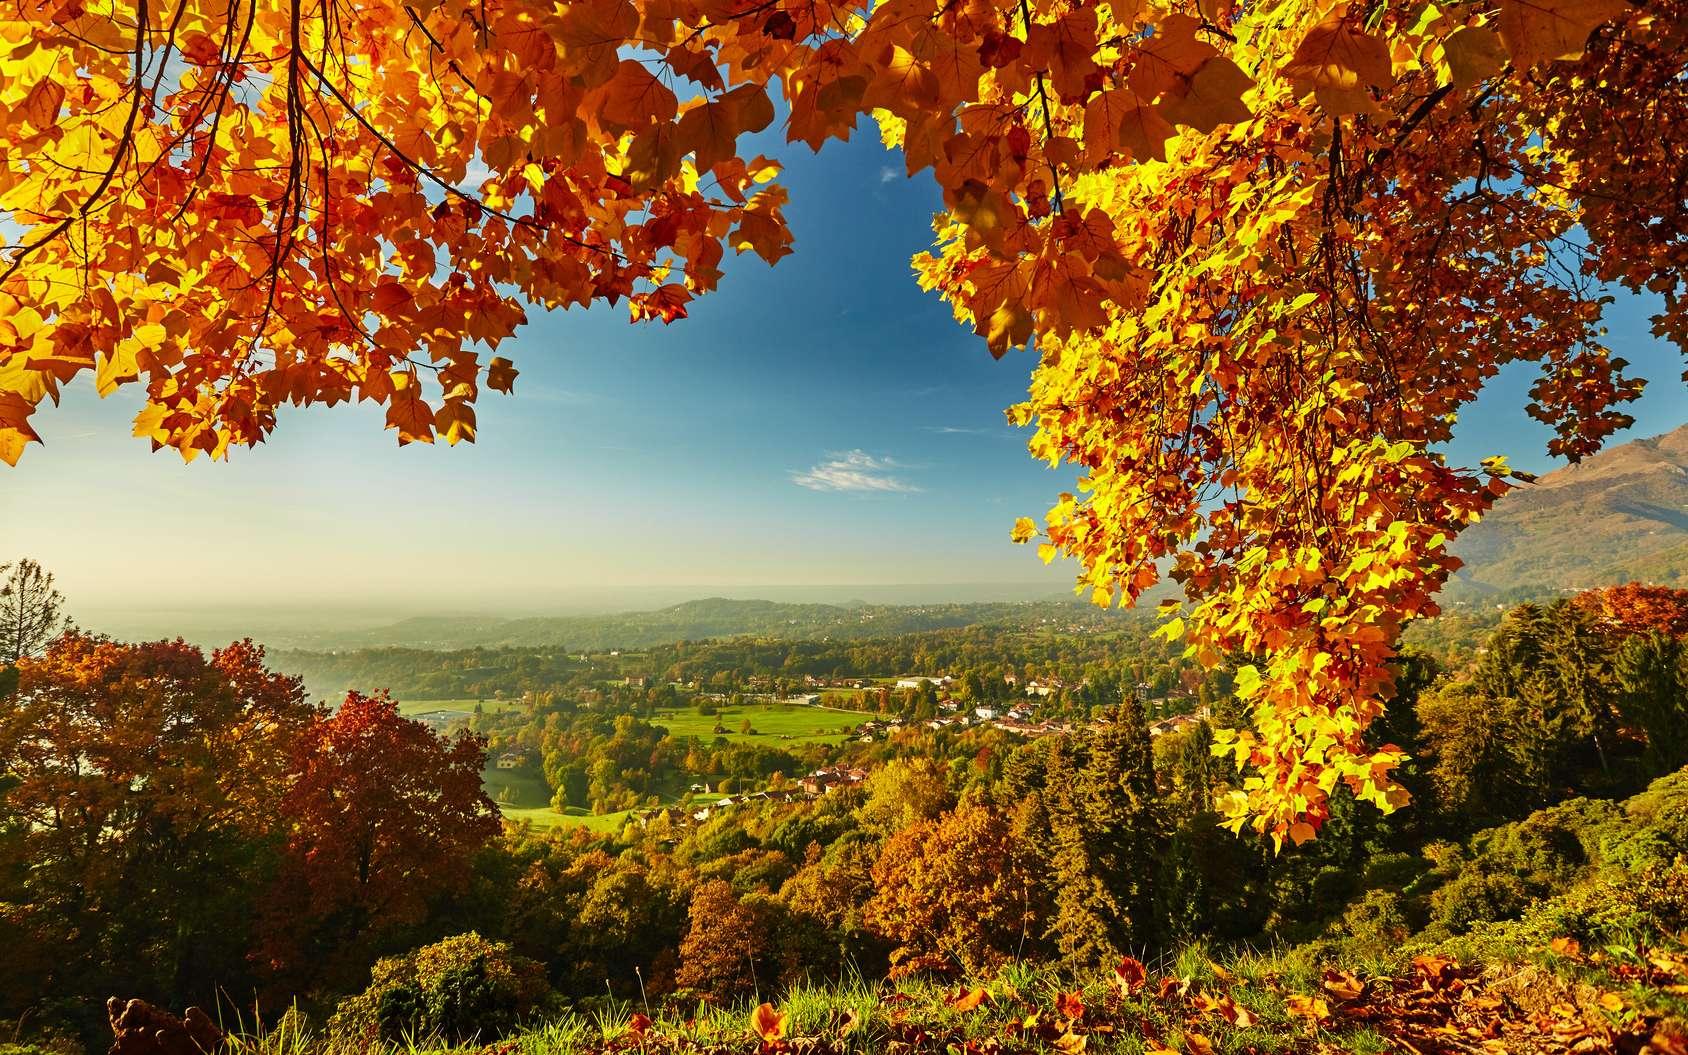 Paysage d'automne, saison où les arbres se teintent d'or et de pourpre. © matteozin, fotolia